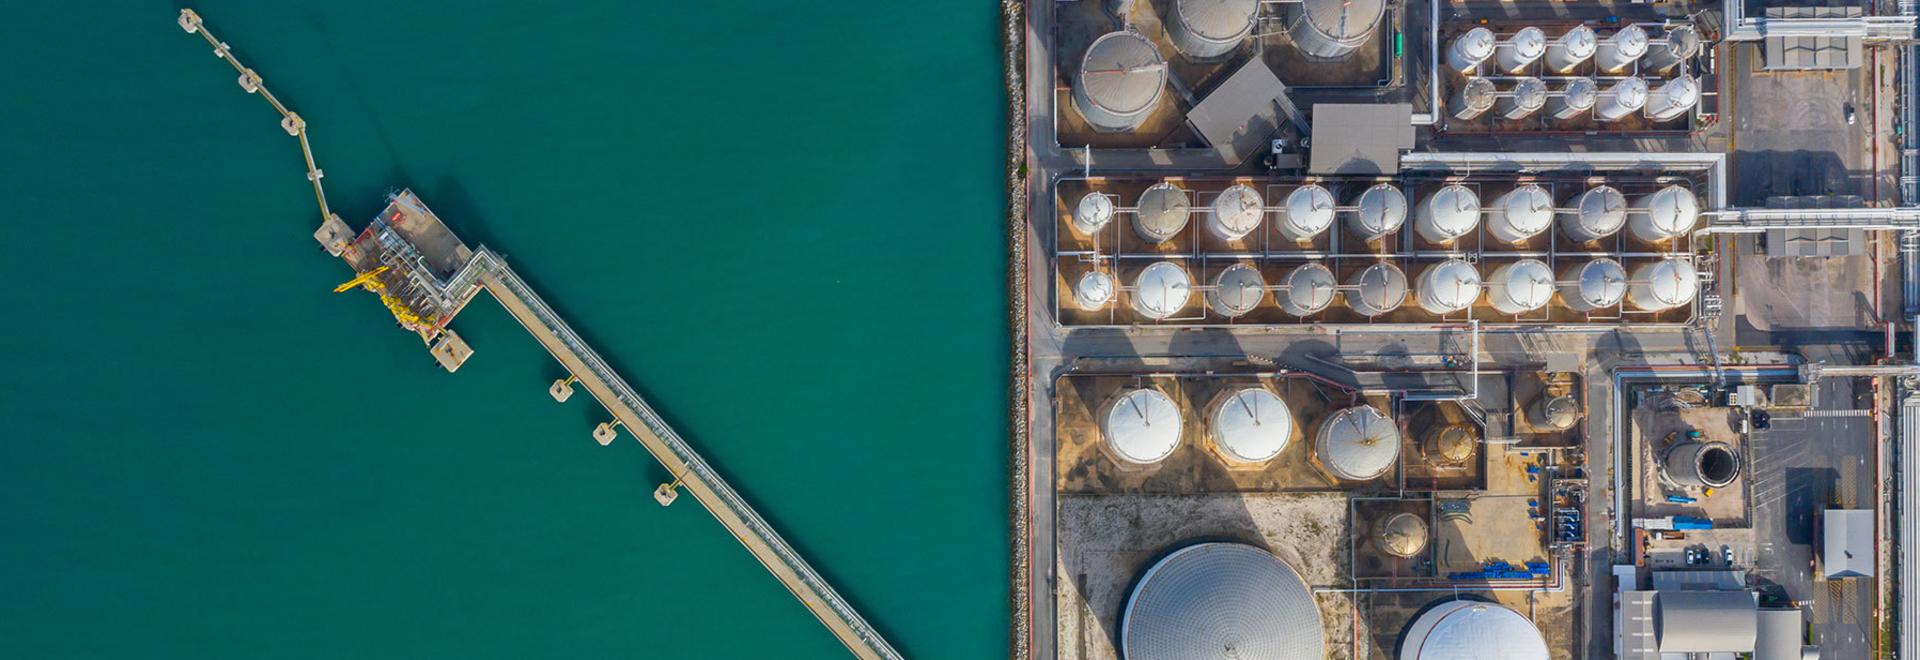 L'azote pour la prévention des explosions dans les raffineries de pétrole et les parcs de stockage du Golfe arabique